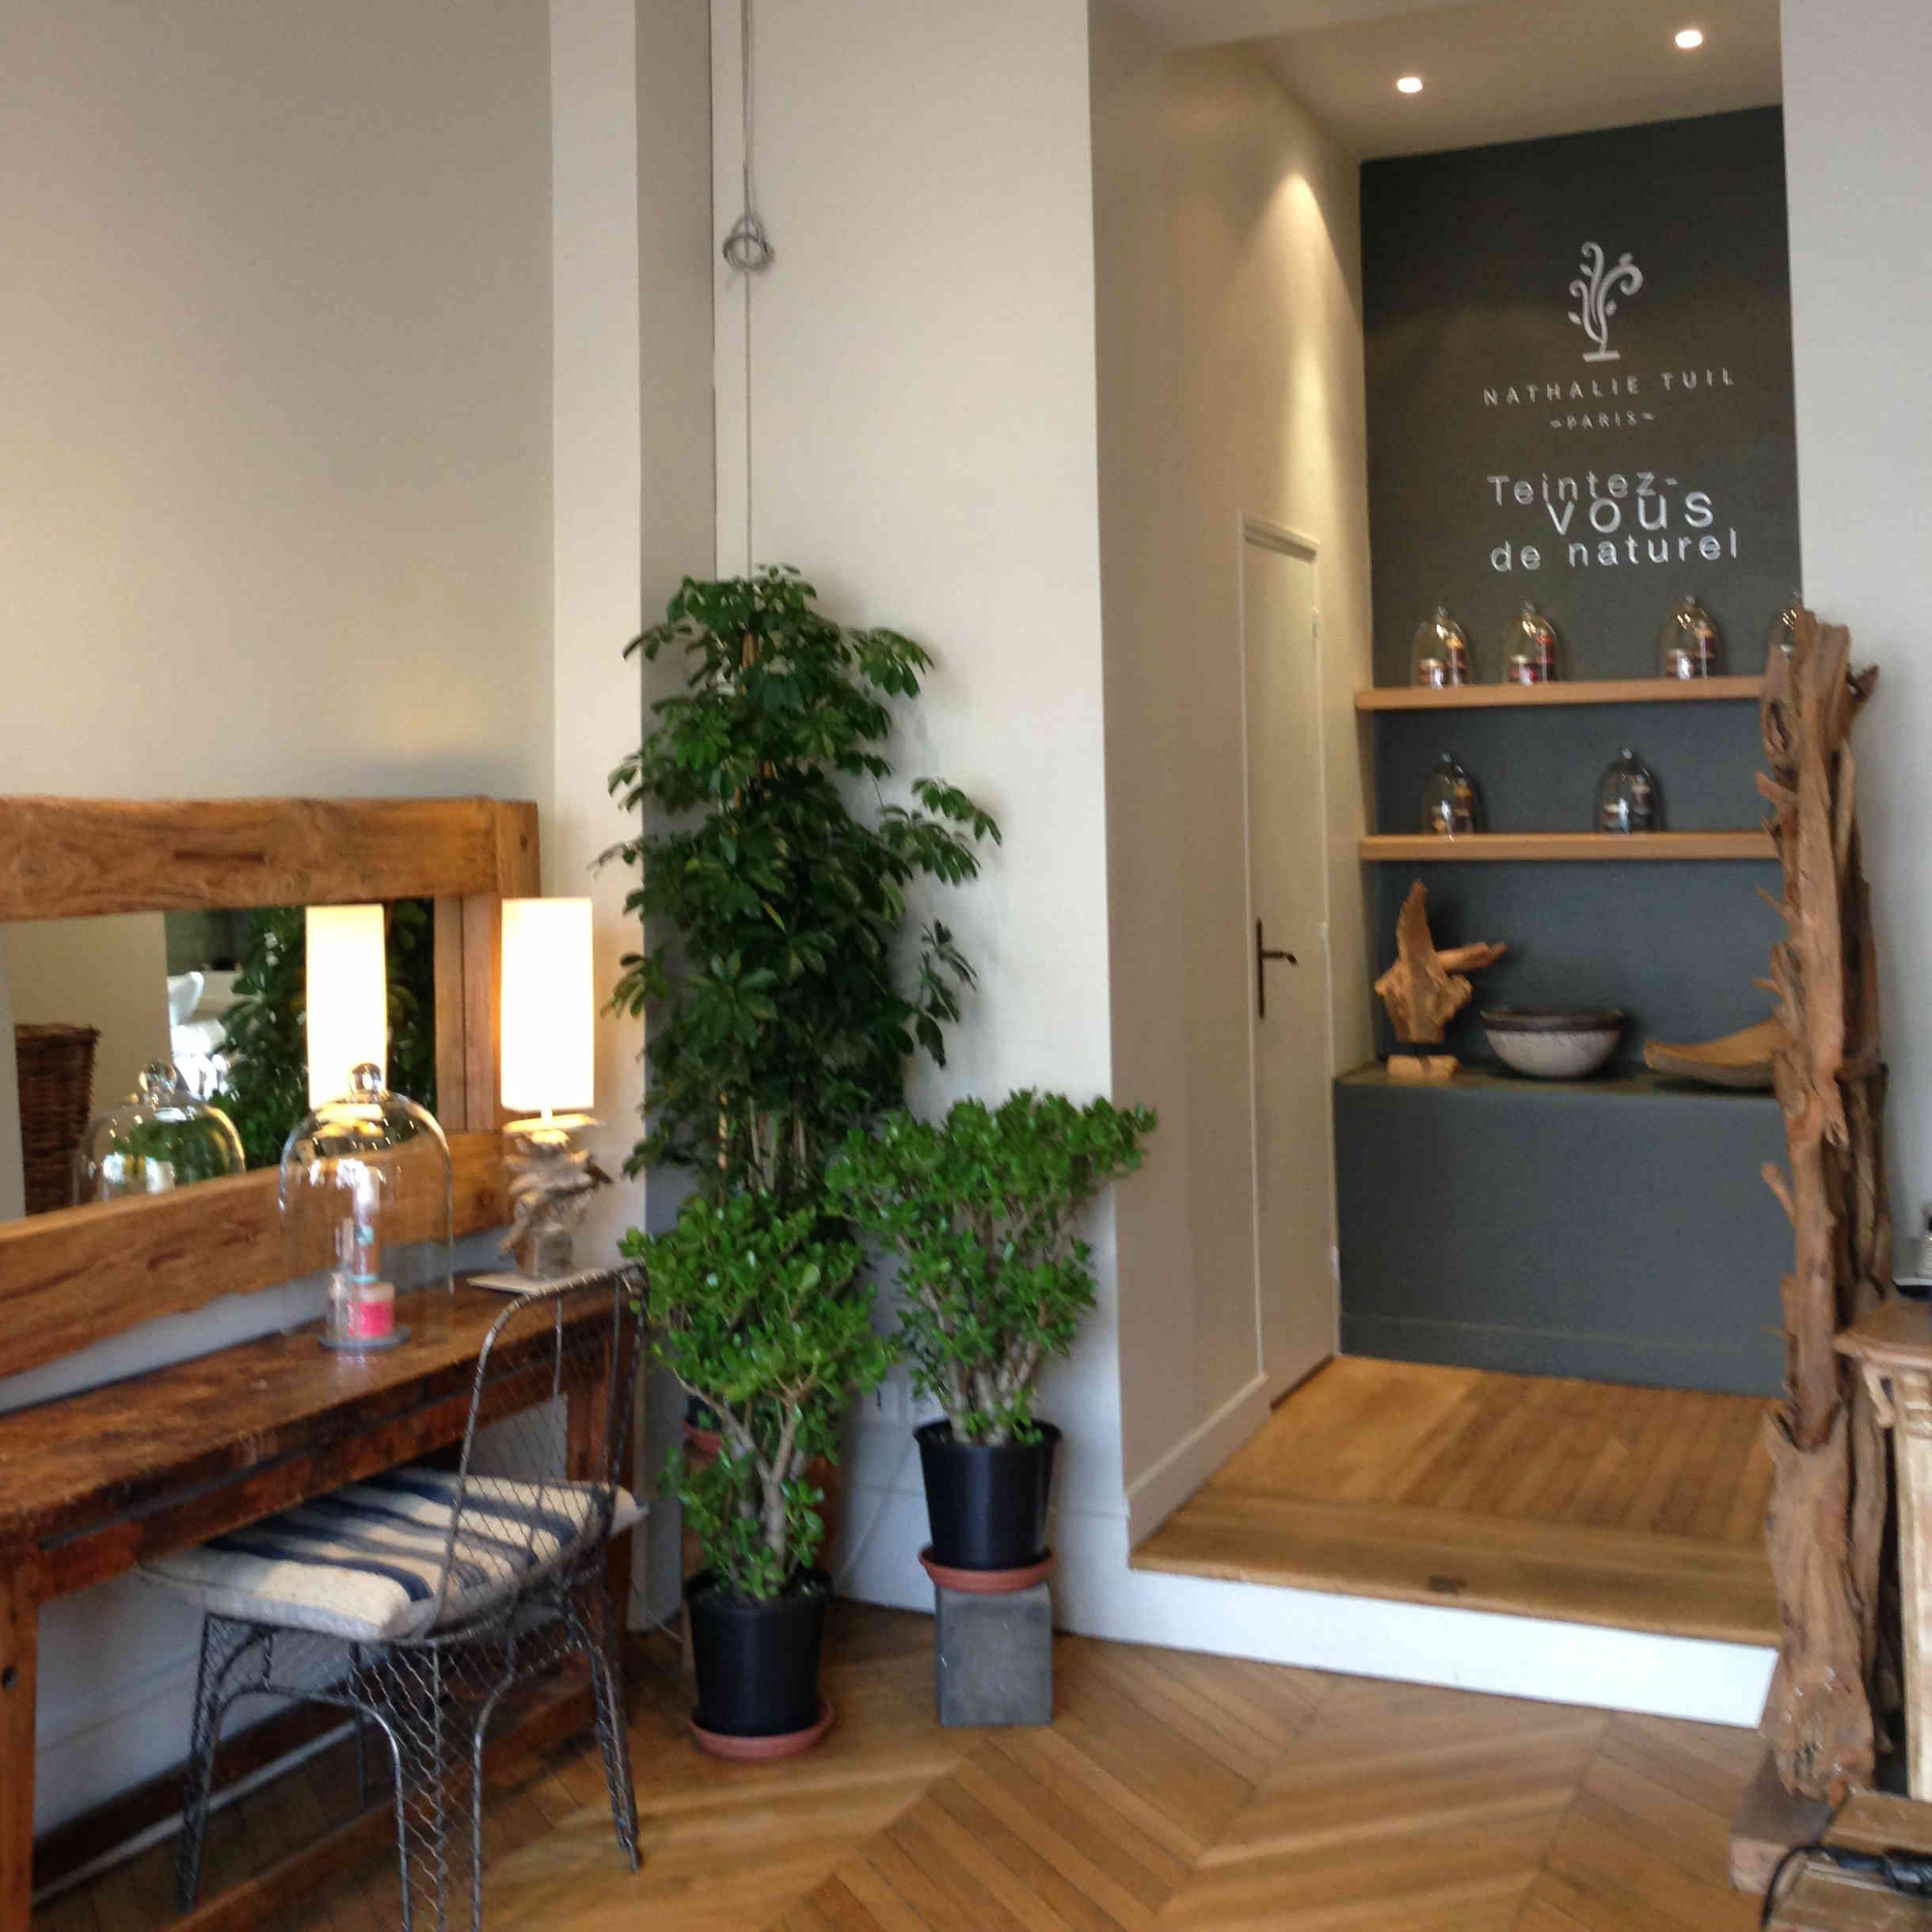 Le salon nathalietuil paris soins du cheveu l 39 argile for Salon bio paris